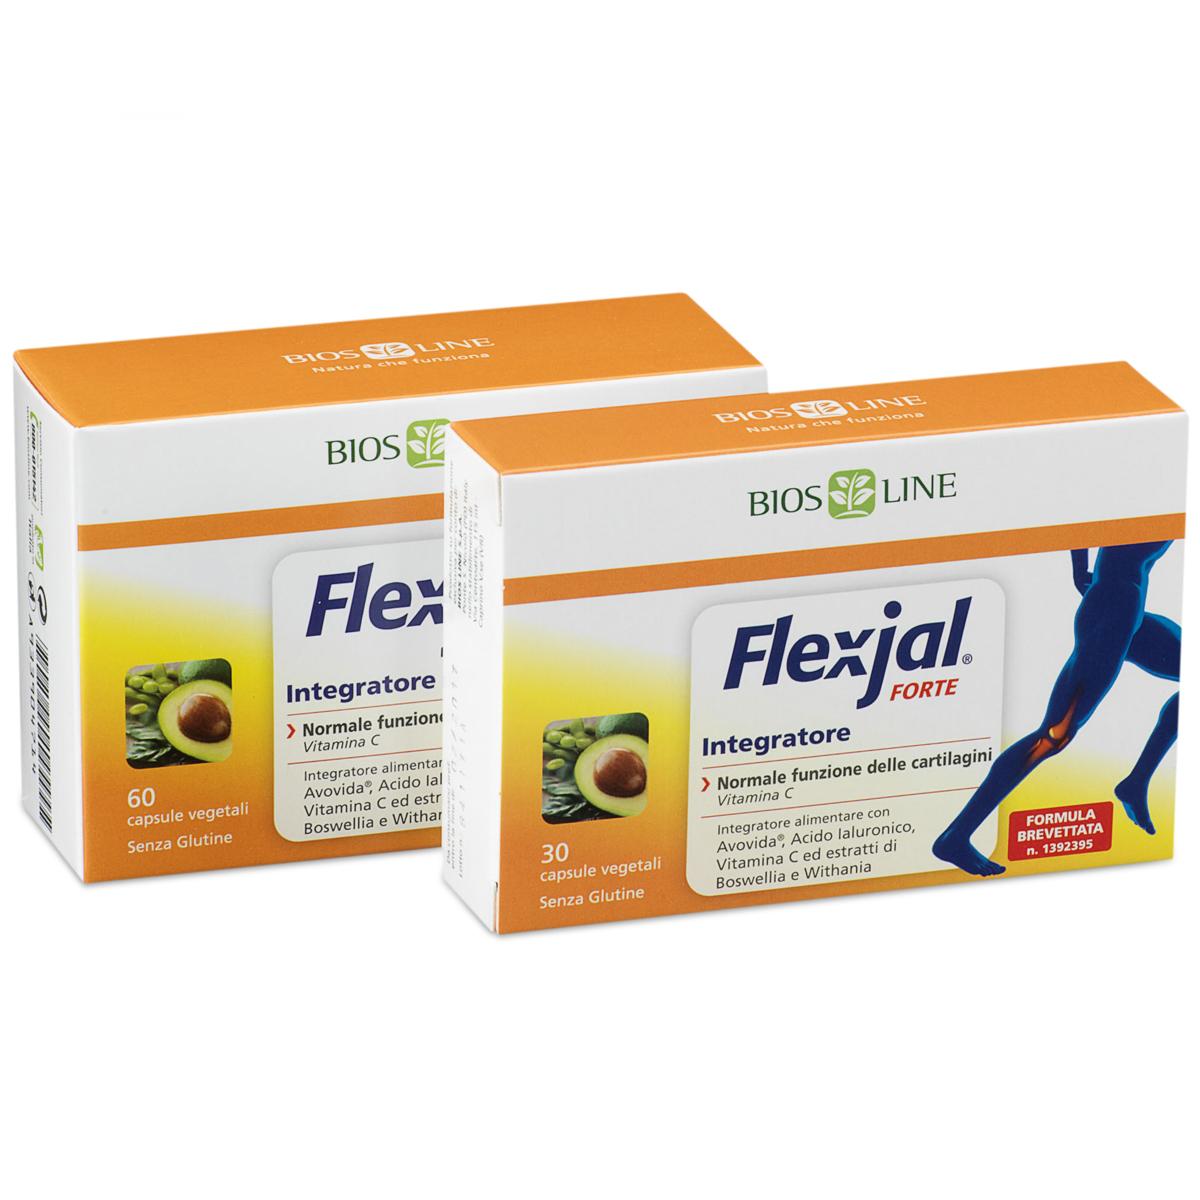 Flex-jal Forte Integratore - 60 capsule